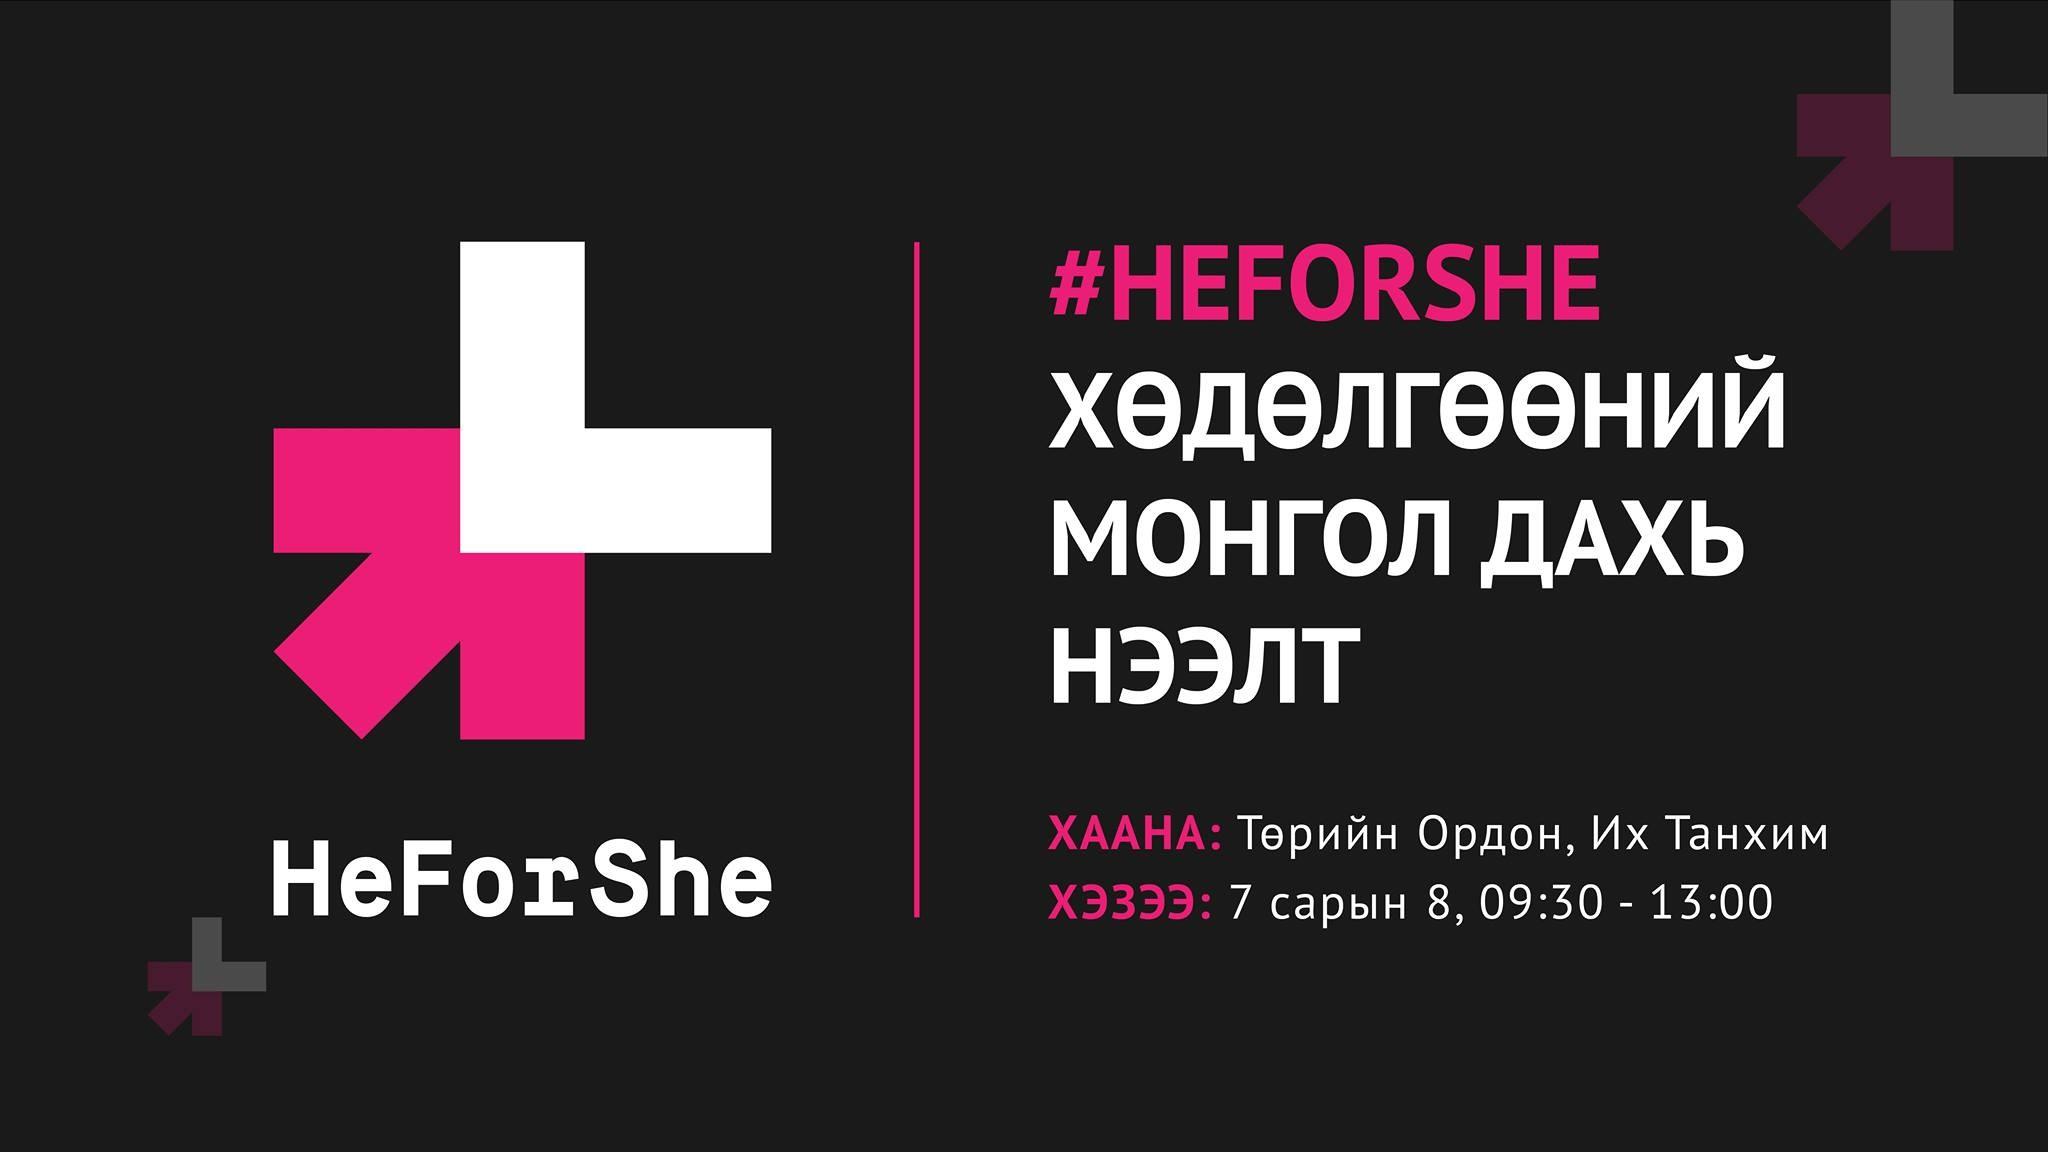 НҮБ-ын HeForShe хөдөлгөөнийг Монгол Улсад эхлүүлнэ